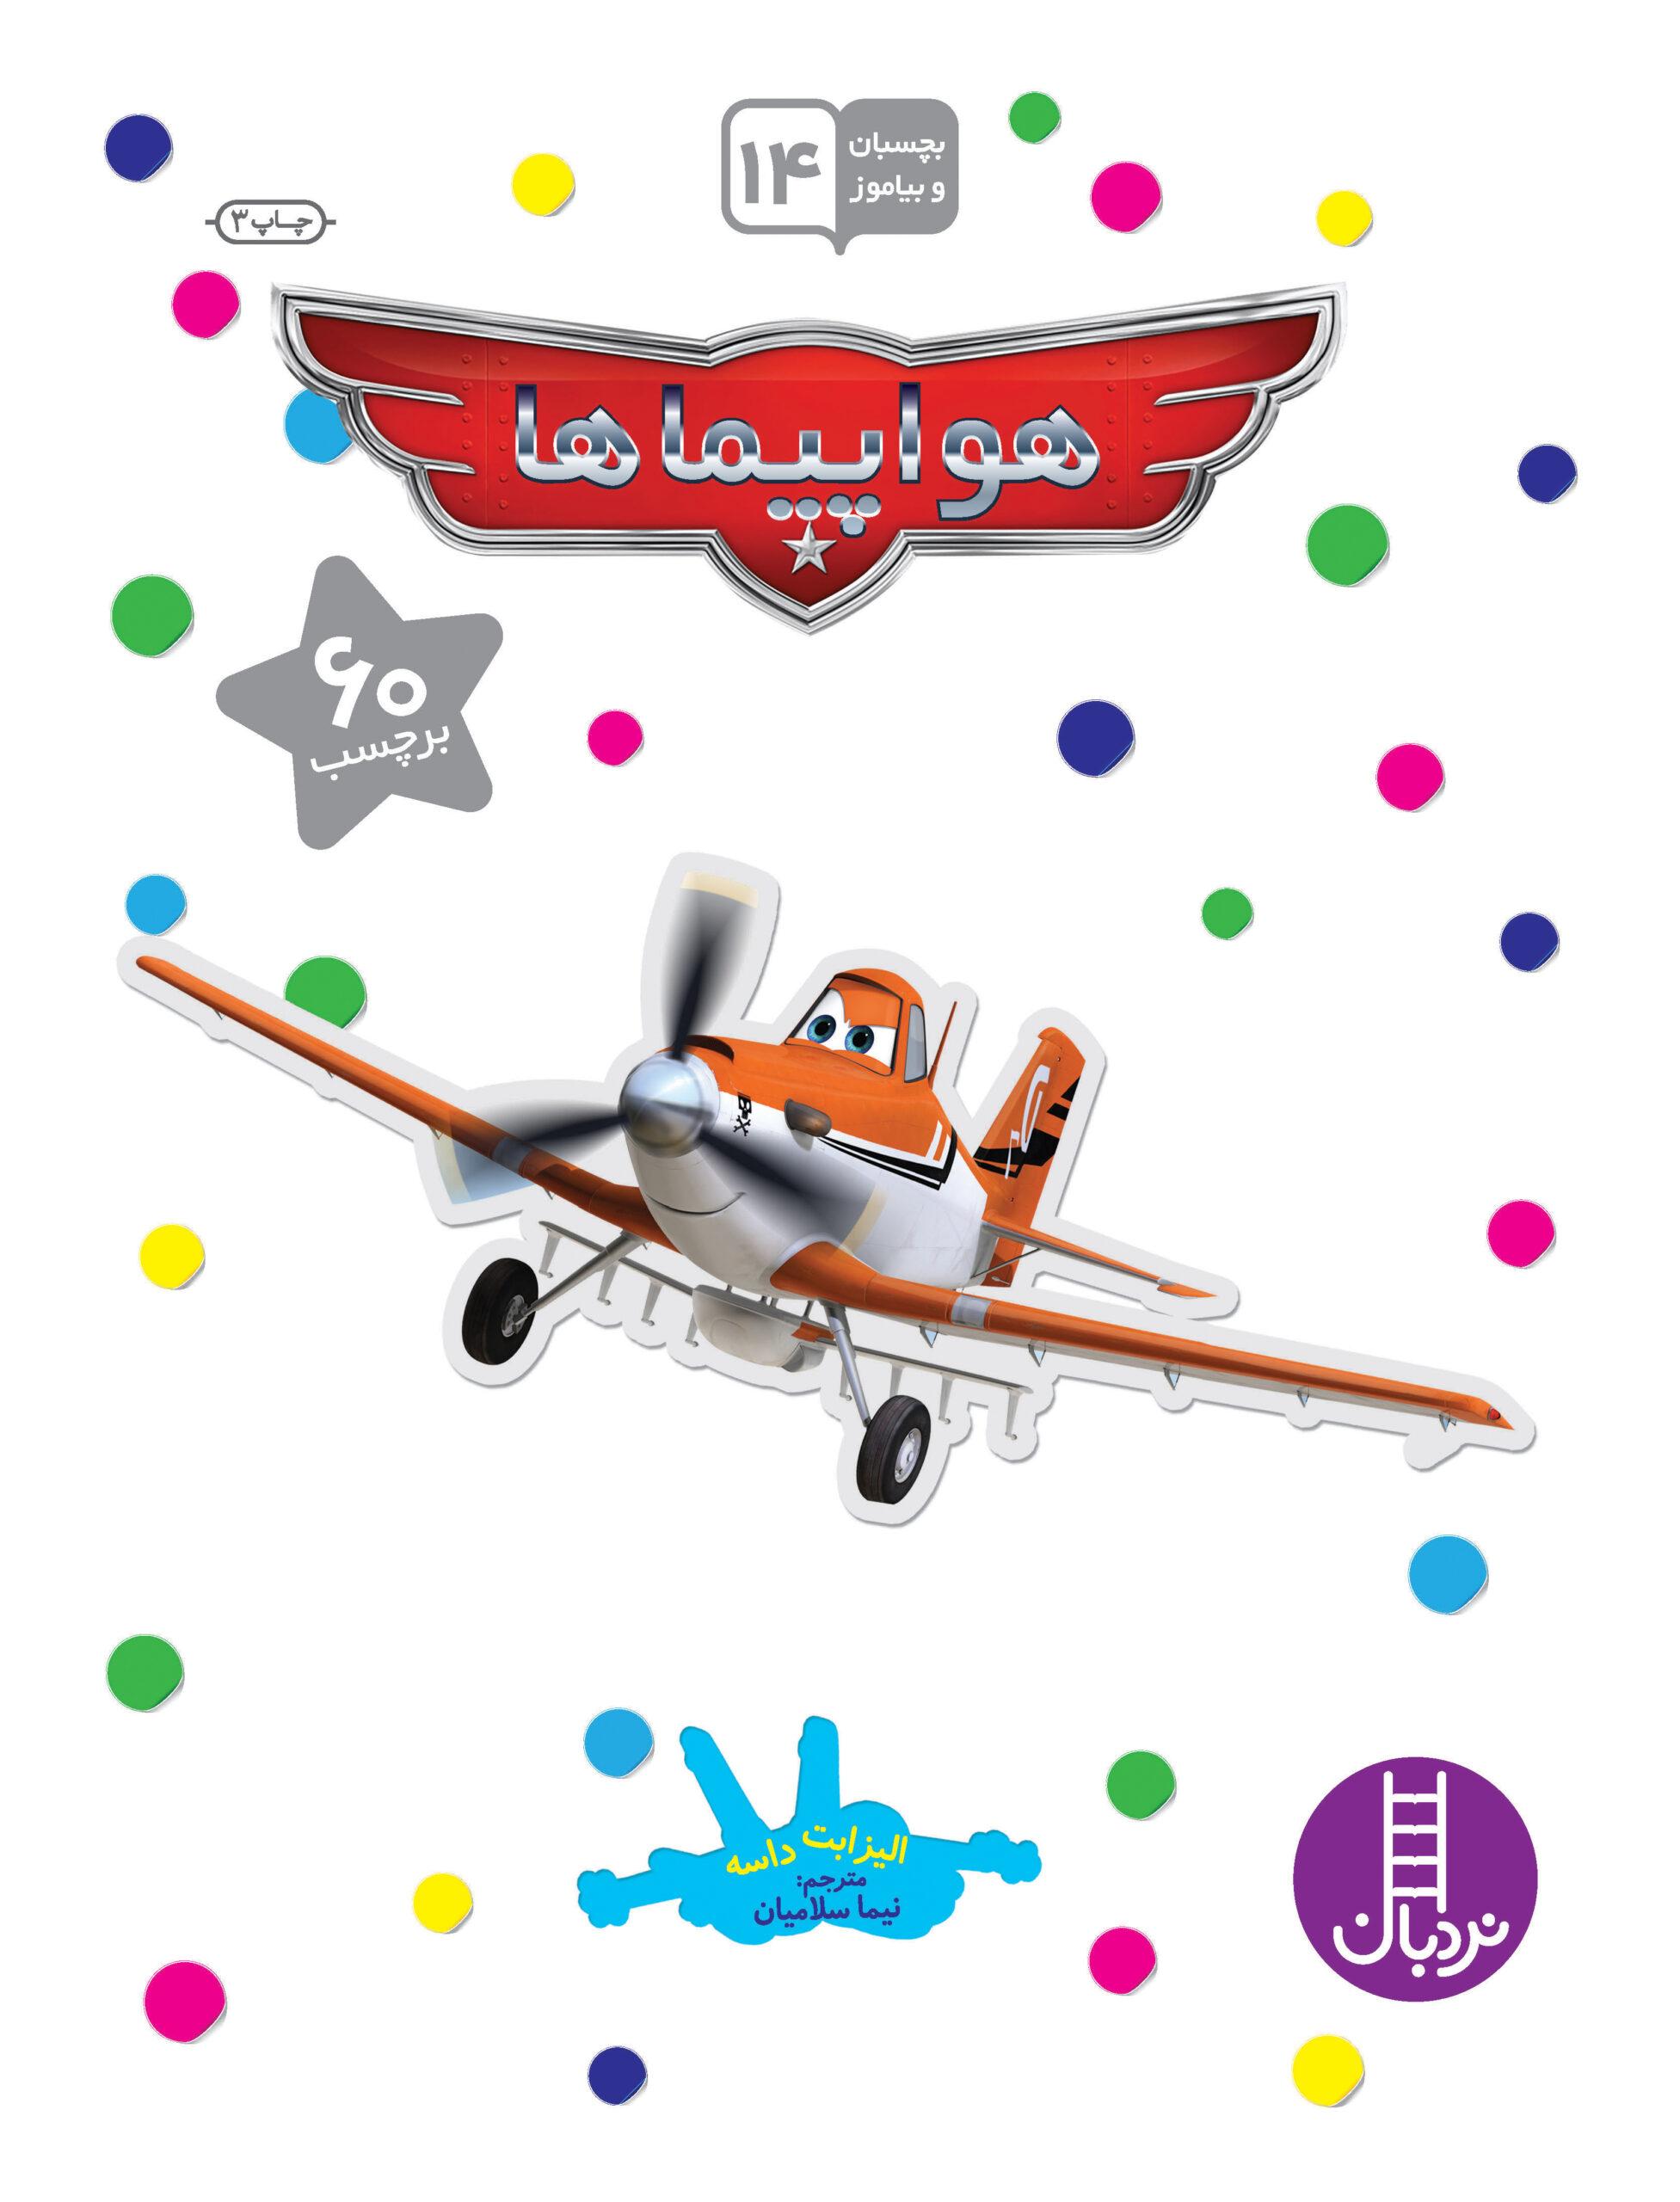 هواپیماها (بچسبان و بیاموز14)